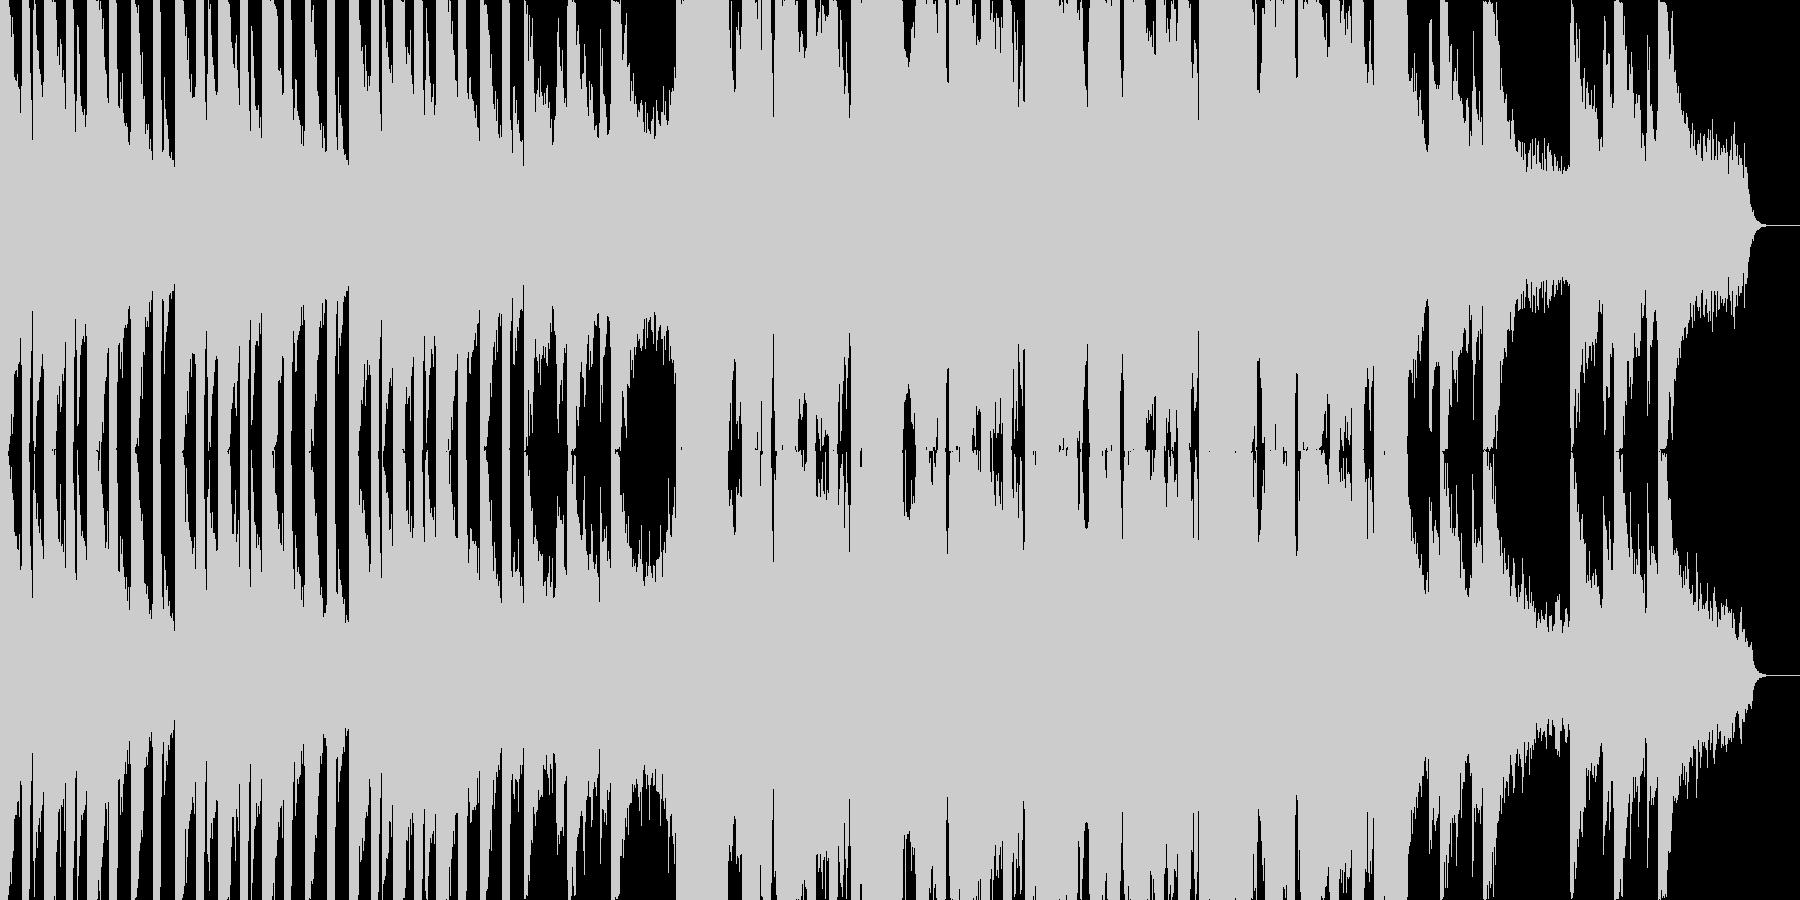 アブストラクトな正統派ダブステップの未再生の波形